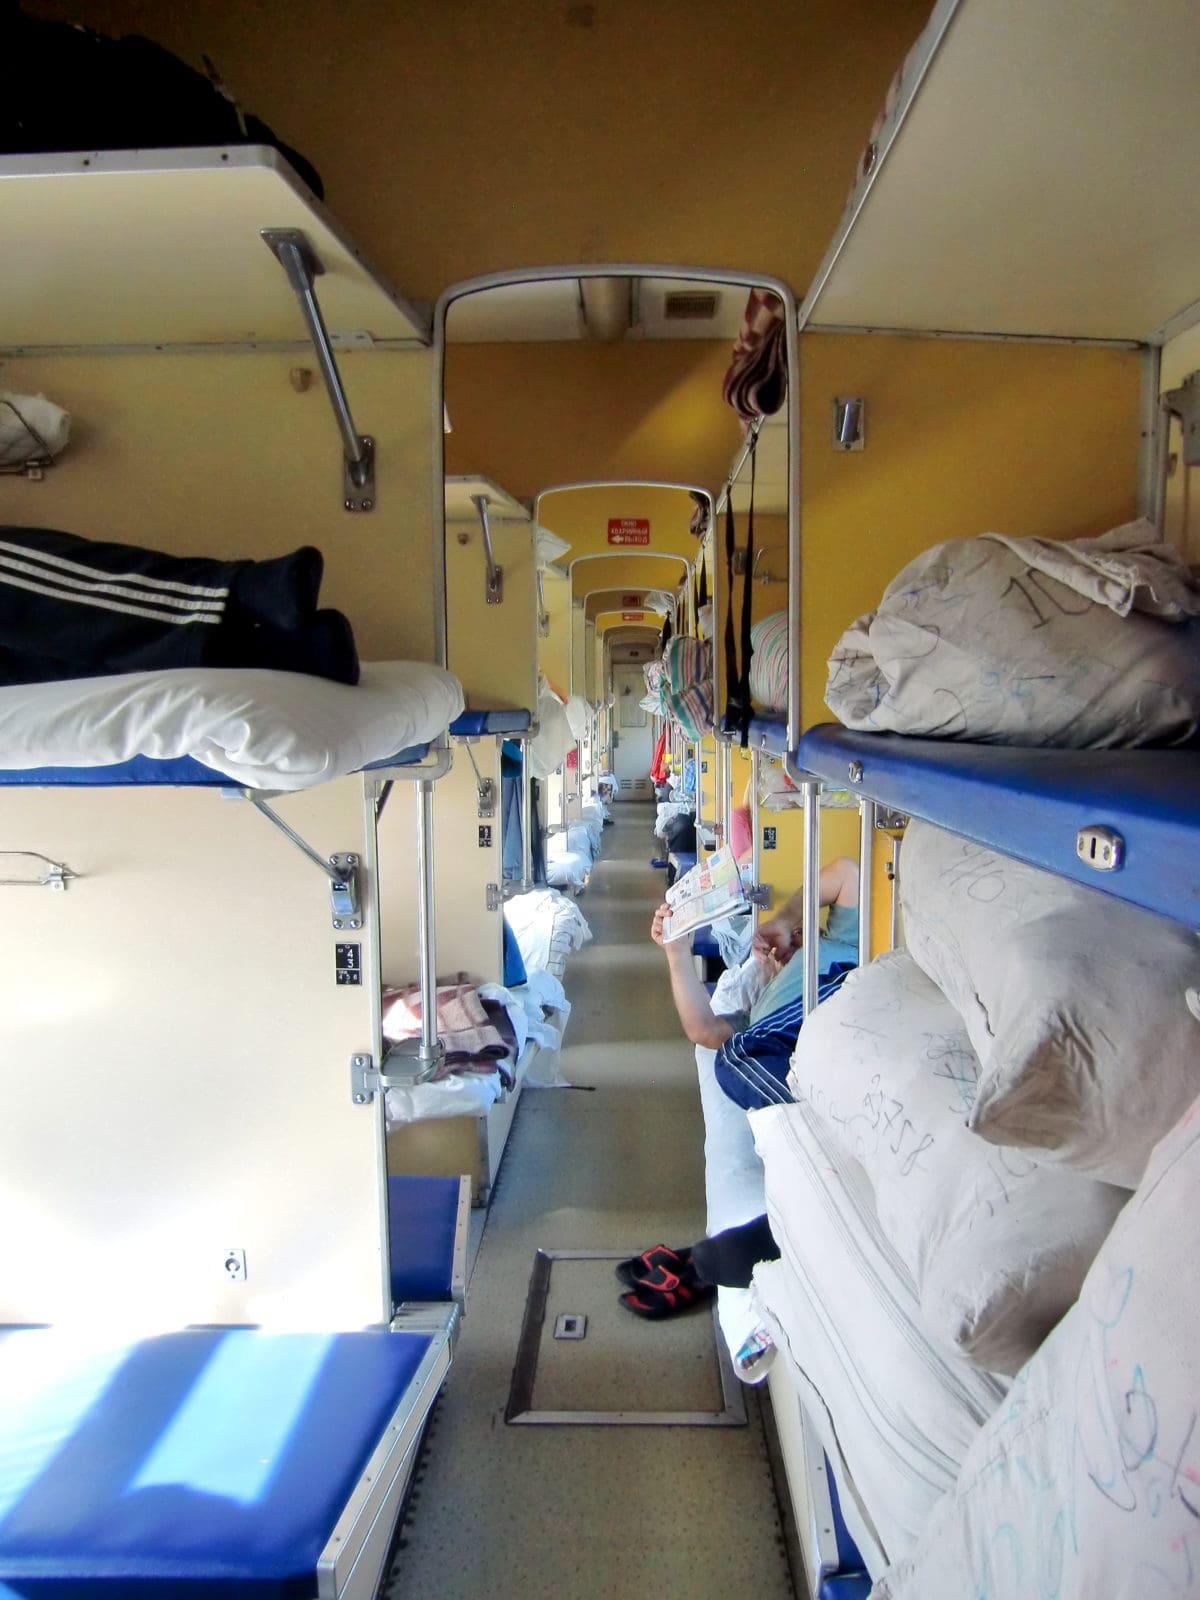 Die Platzkartny ist die dritte Klasse in der Transsibirischen Eisenbahn